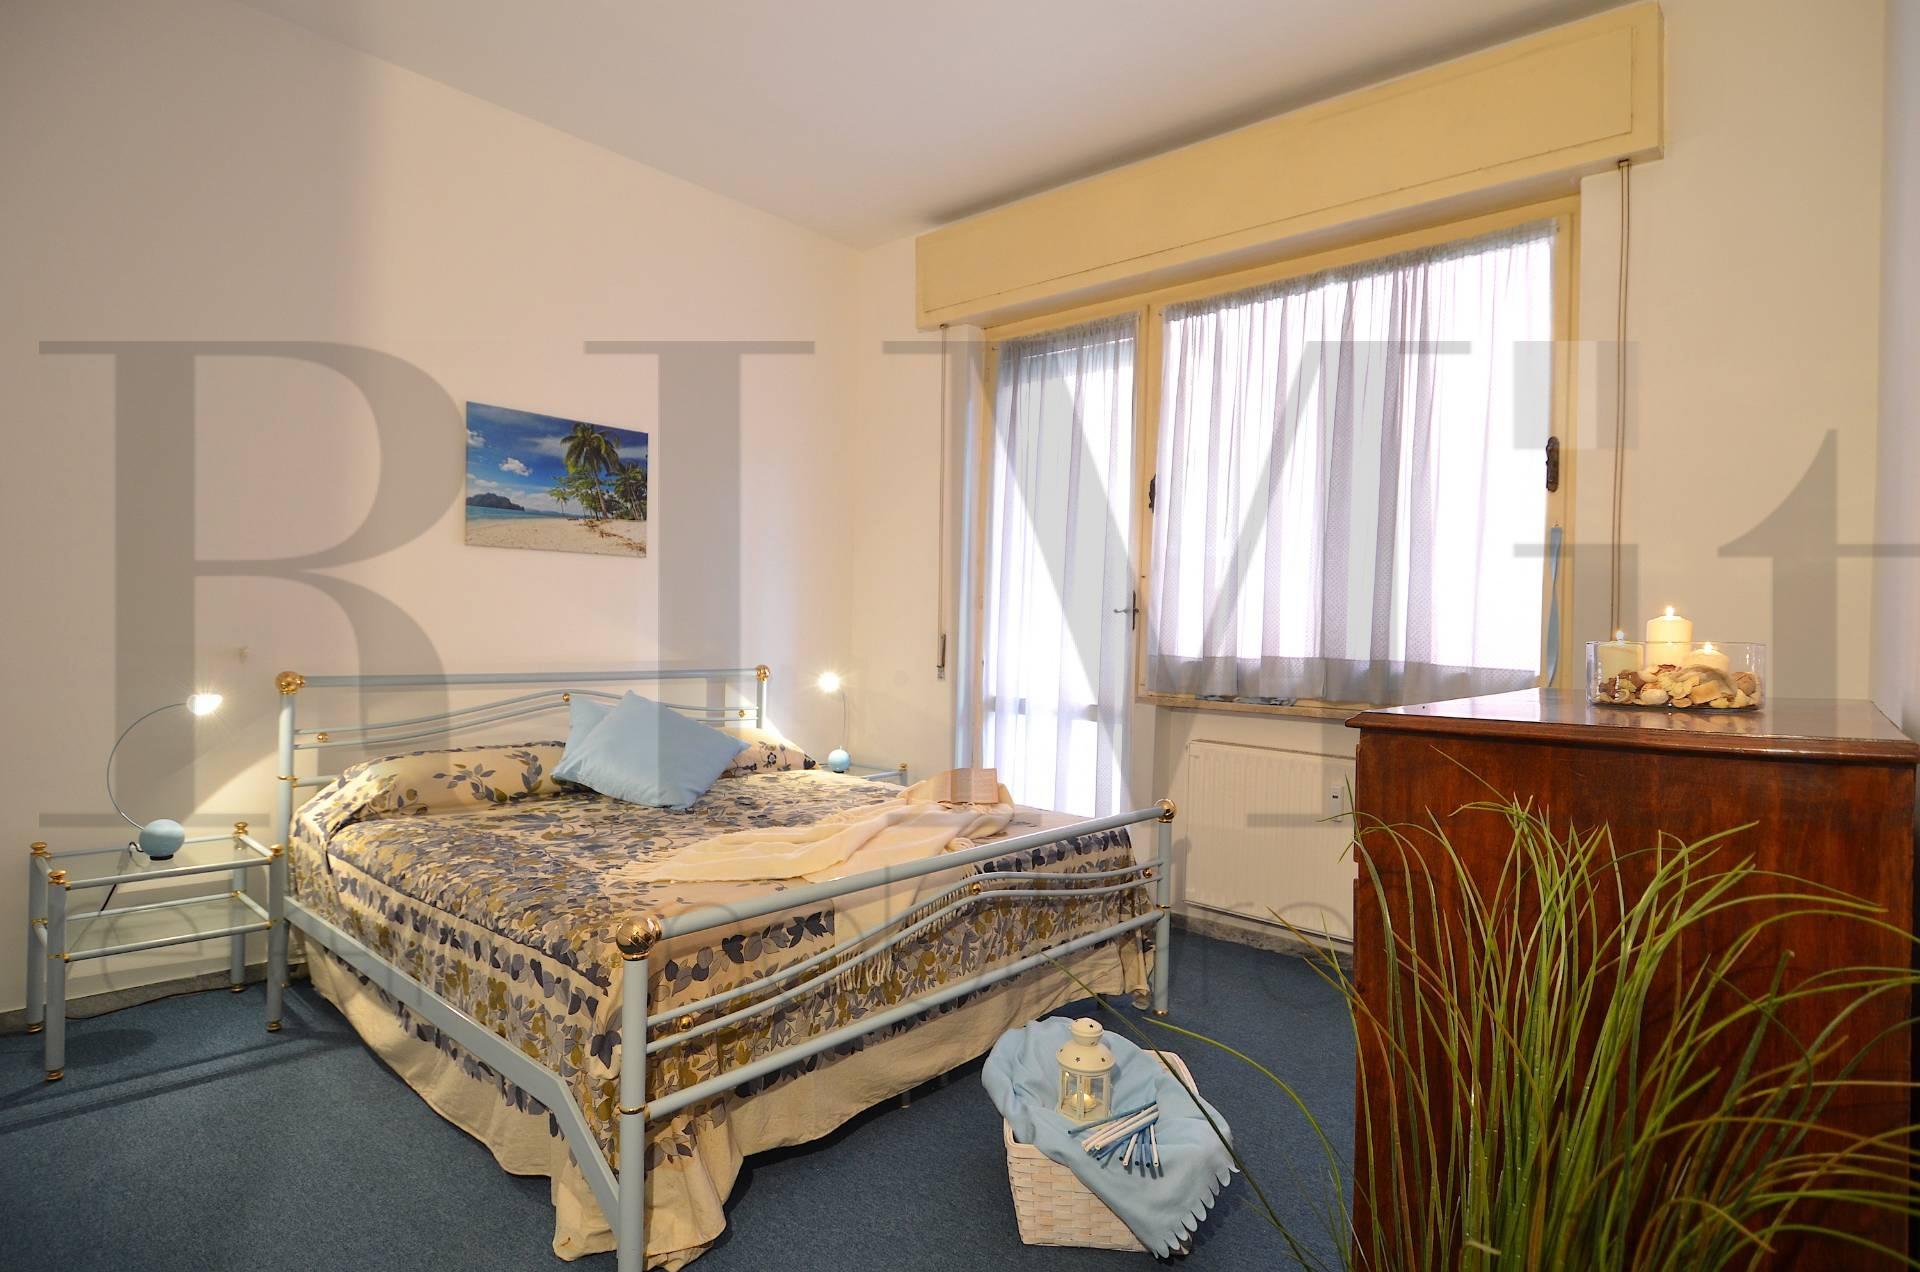 Appartamento in vendita a CHIAVARI  TuttoCasait